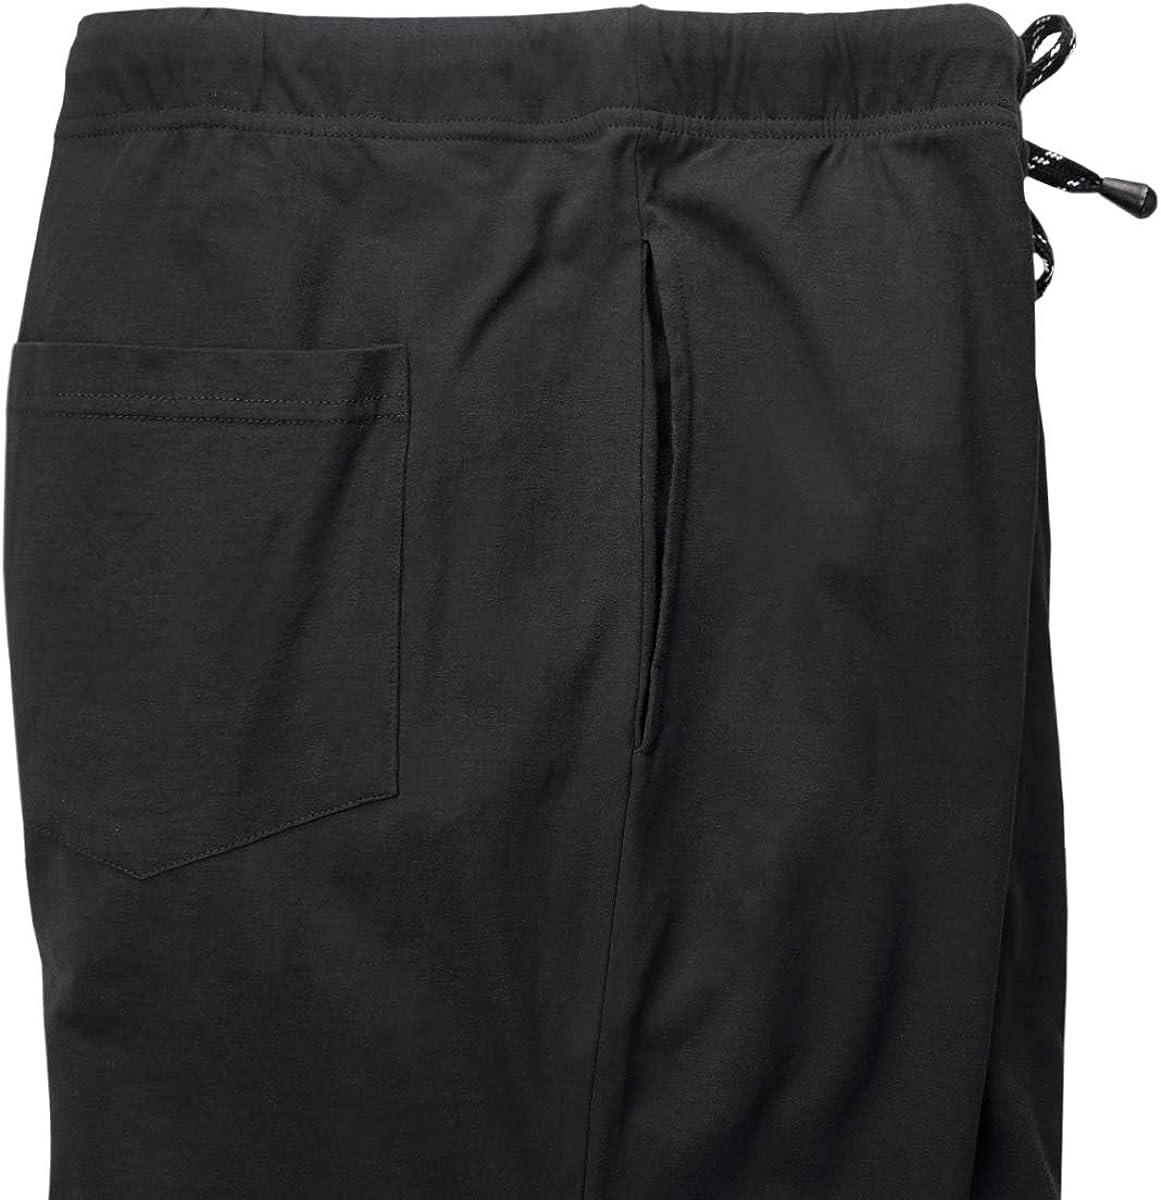 Pantal/ón largo para dormir tallas grandes hasta 10 XL ADAMO color negro